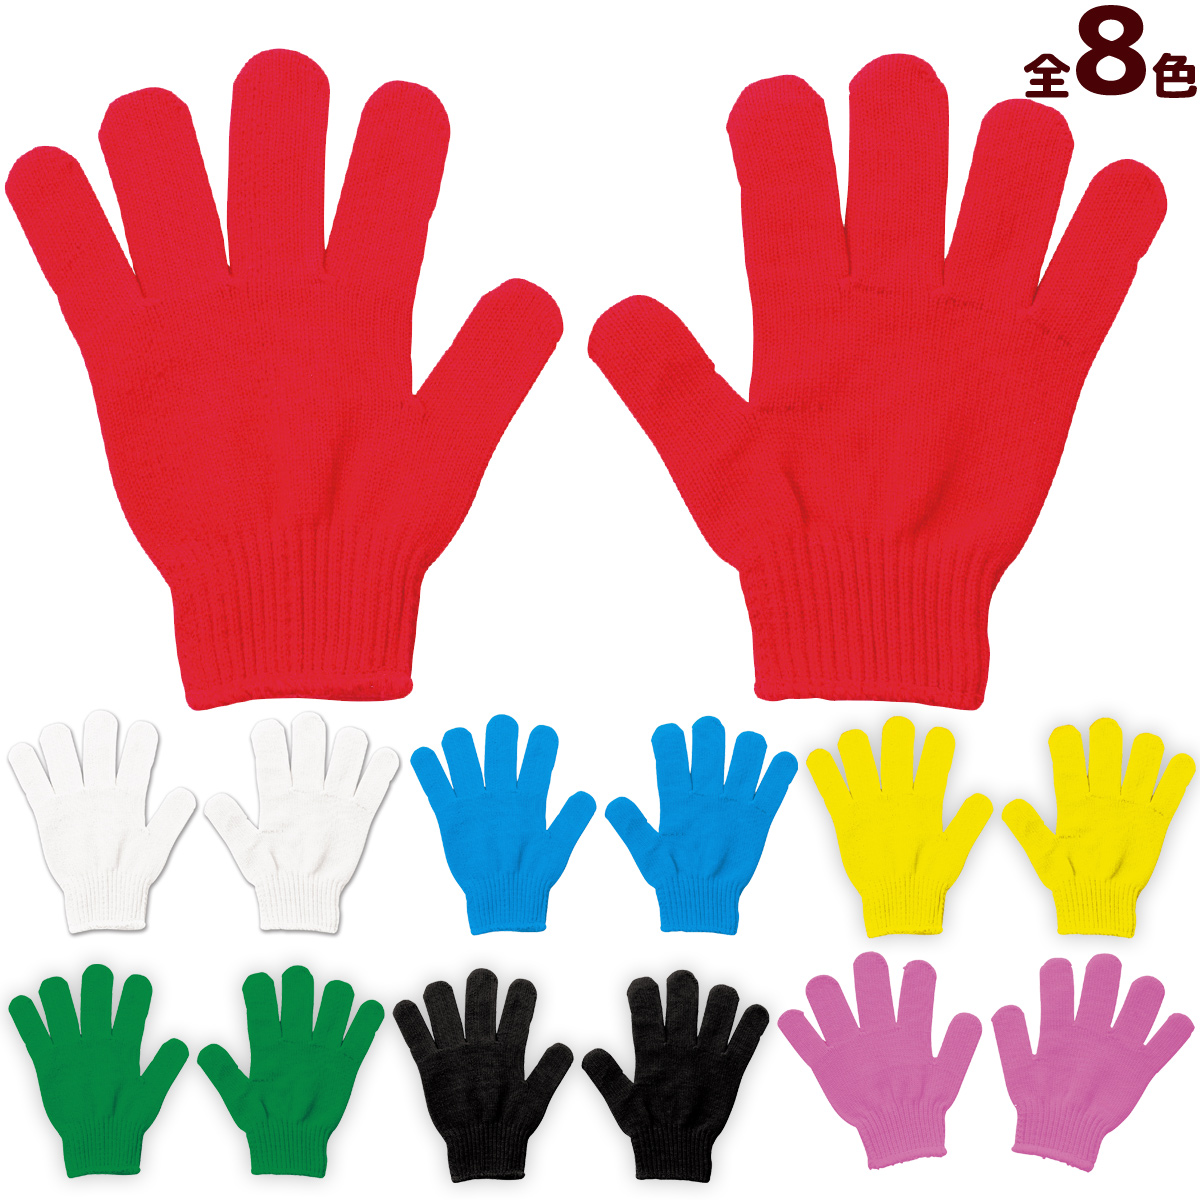 手袋 カラー 子供 キッズ 赤 青 黄 緑 黒 白 紫?体育祭 運動会 ダンス 発表会 応援グッズ